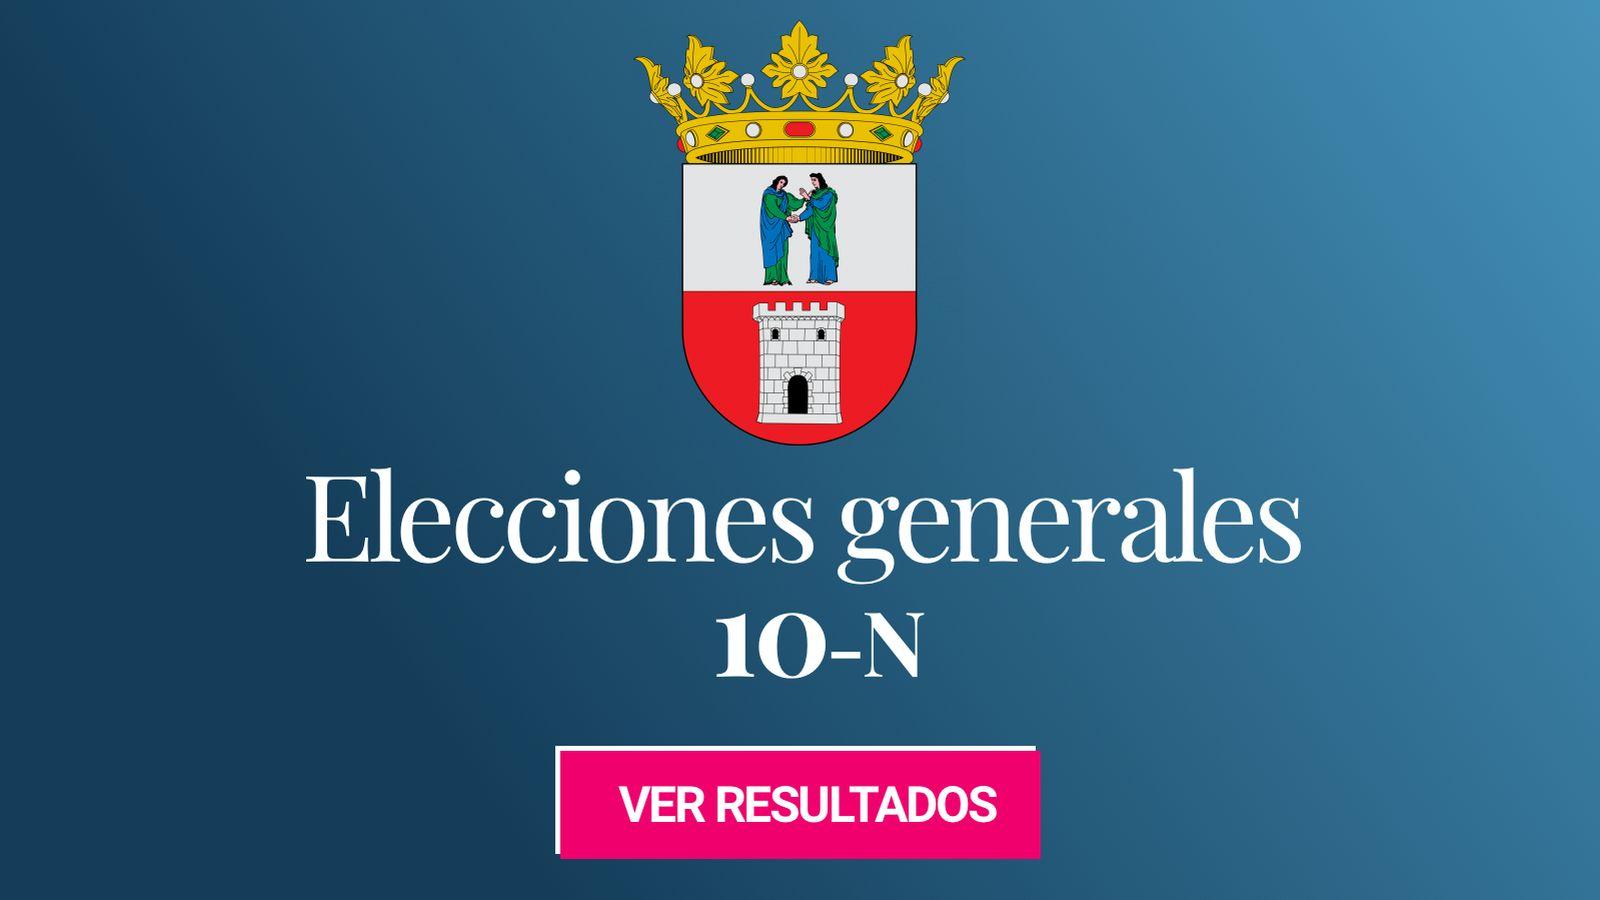 Foto: Elecciones generales 2019 en Dos Hermanas. (C.C./EC)